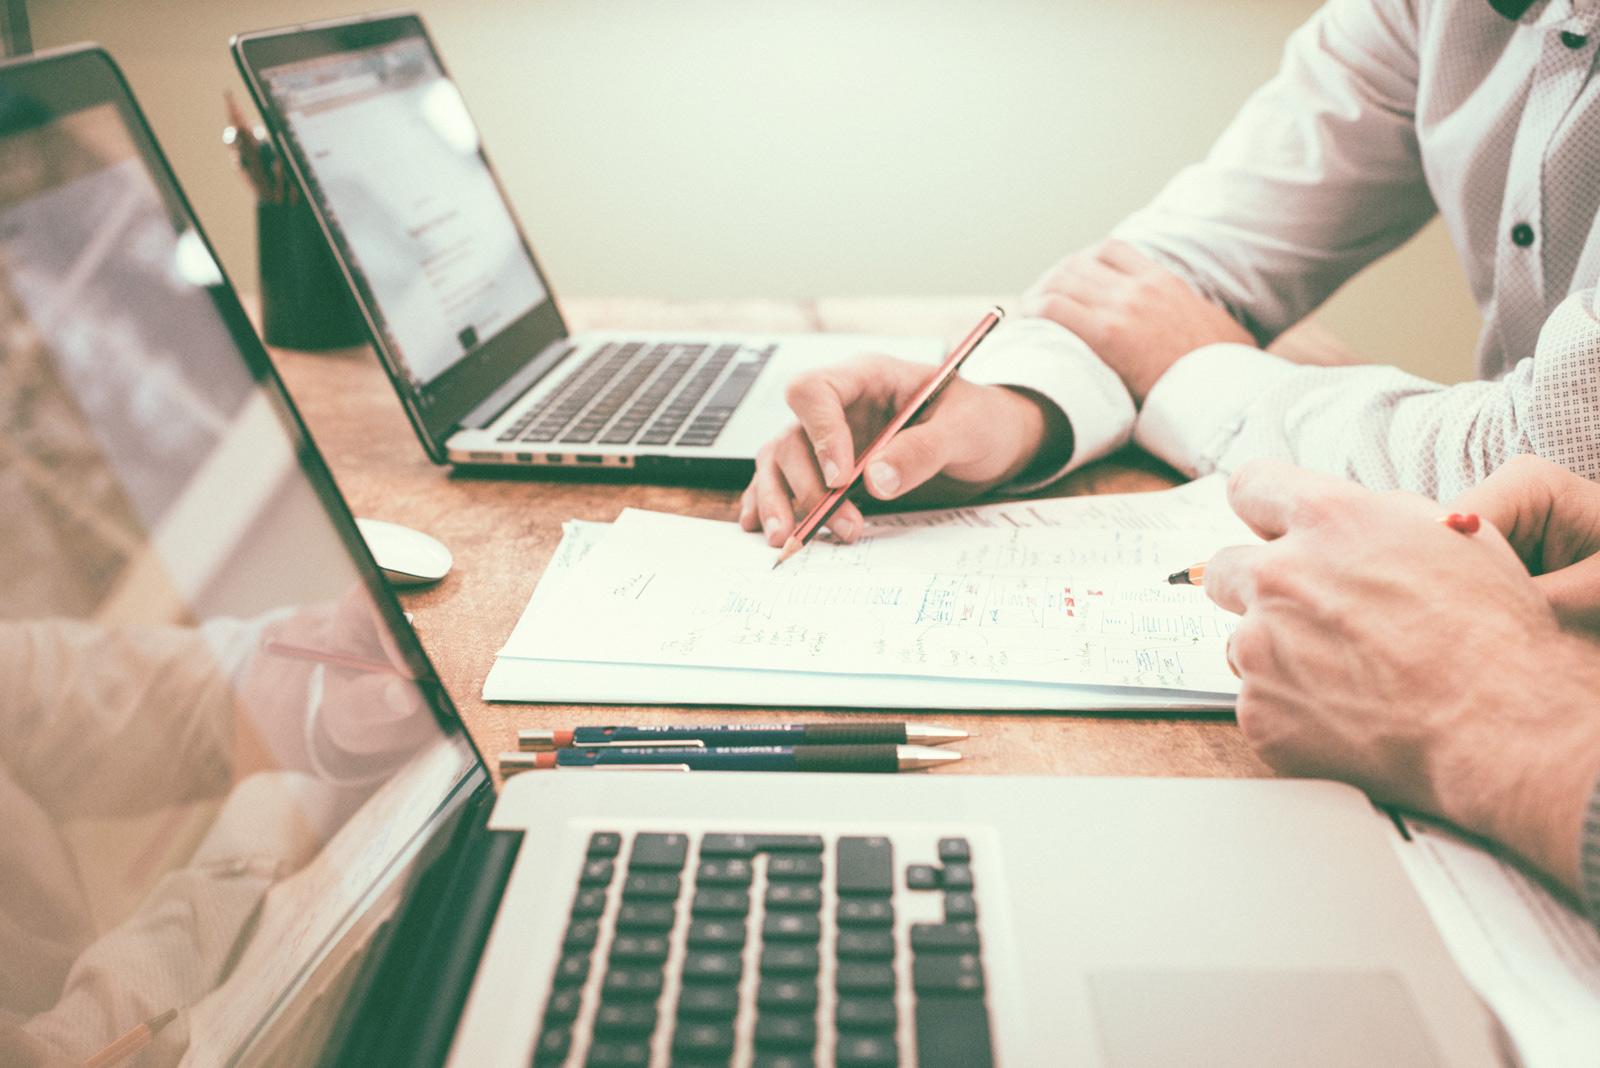 Zusammenarbeit an zwei Laptops